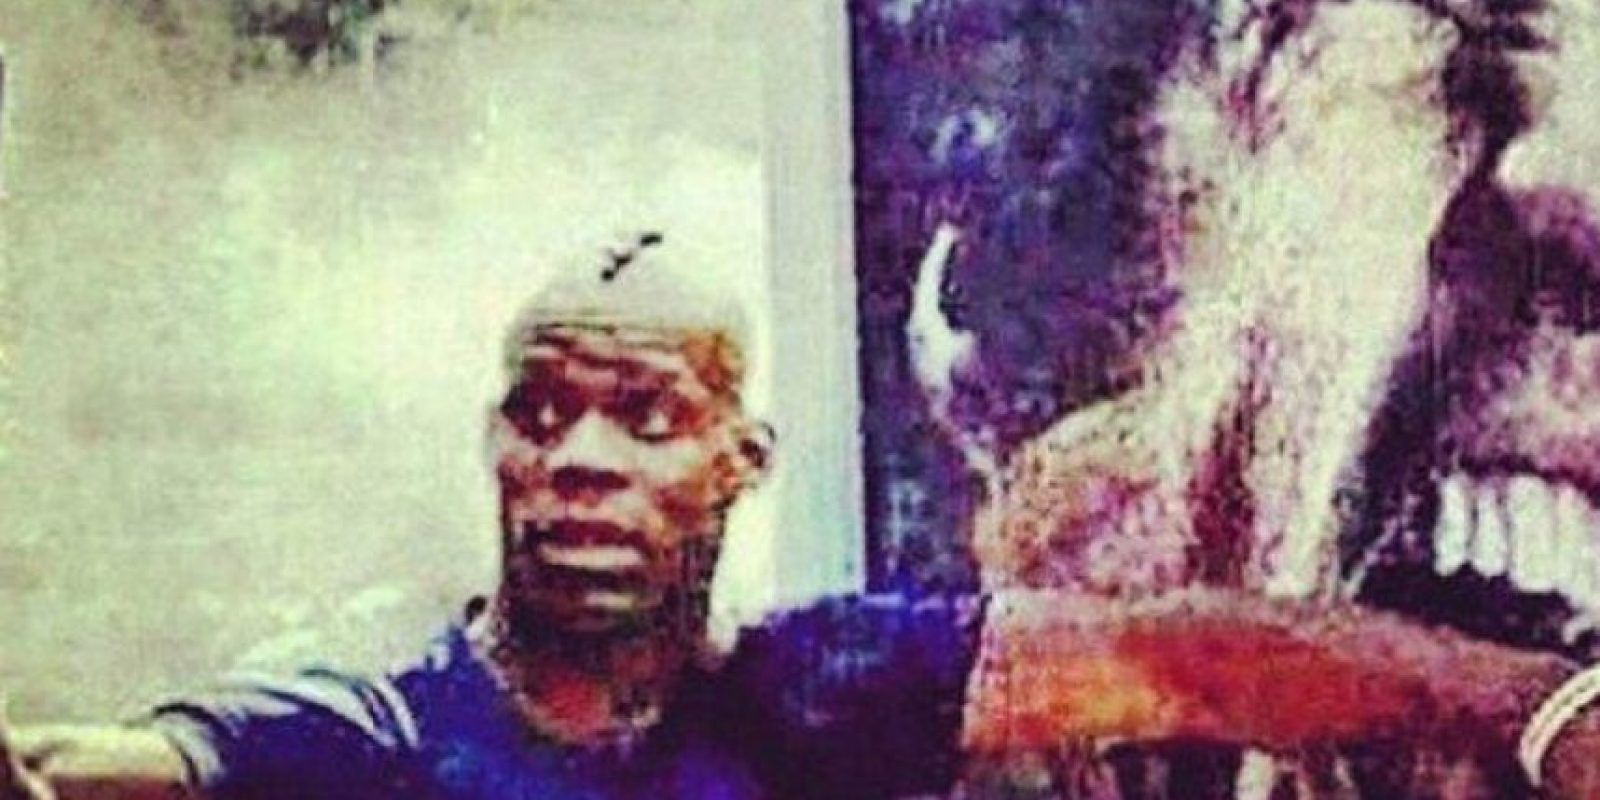 Mario publicó una imagen en la que simula ser mordido por el uruguayo Luis Suárez. Fue criticado y borró la imagen; subió otra en la que aparecía Mario Bros. con un mensaje señalado como racista y lo catalogaron de antisemita. Podría ser sancionado con cinco encuentros. Foto:Instagram /Twitter